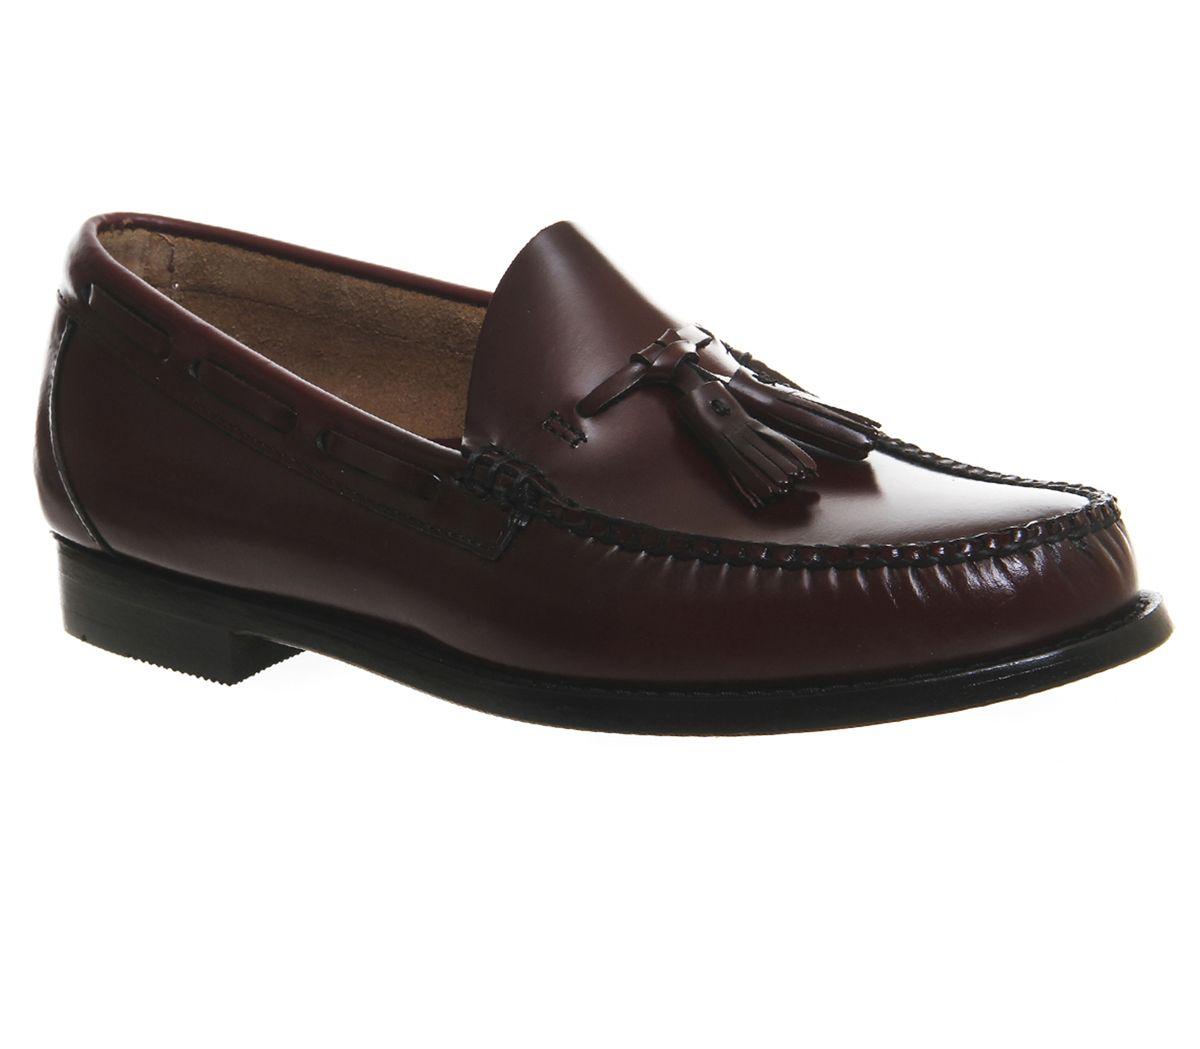 8b443f60468 G.H Bass   Co Larkin Tassel Loafers Wine Leather - Smart